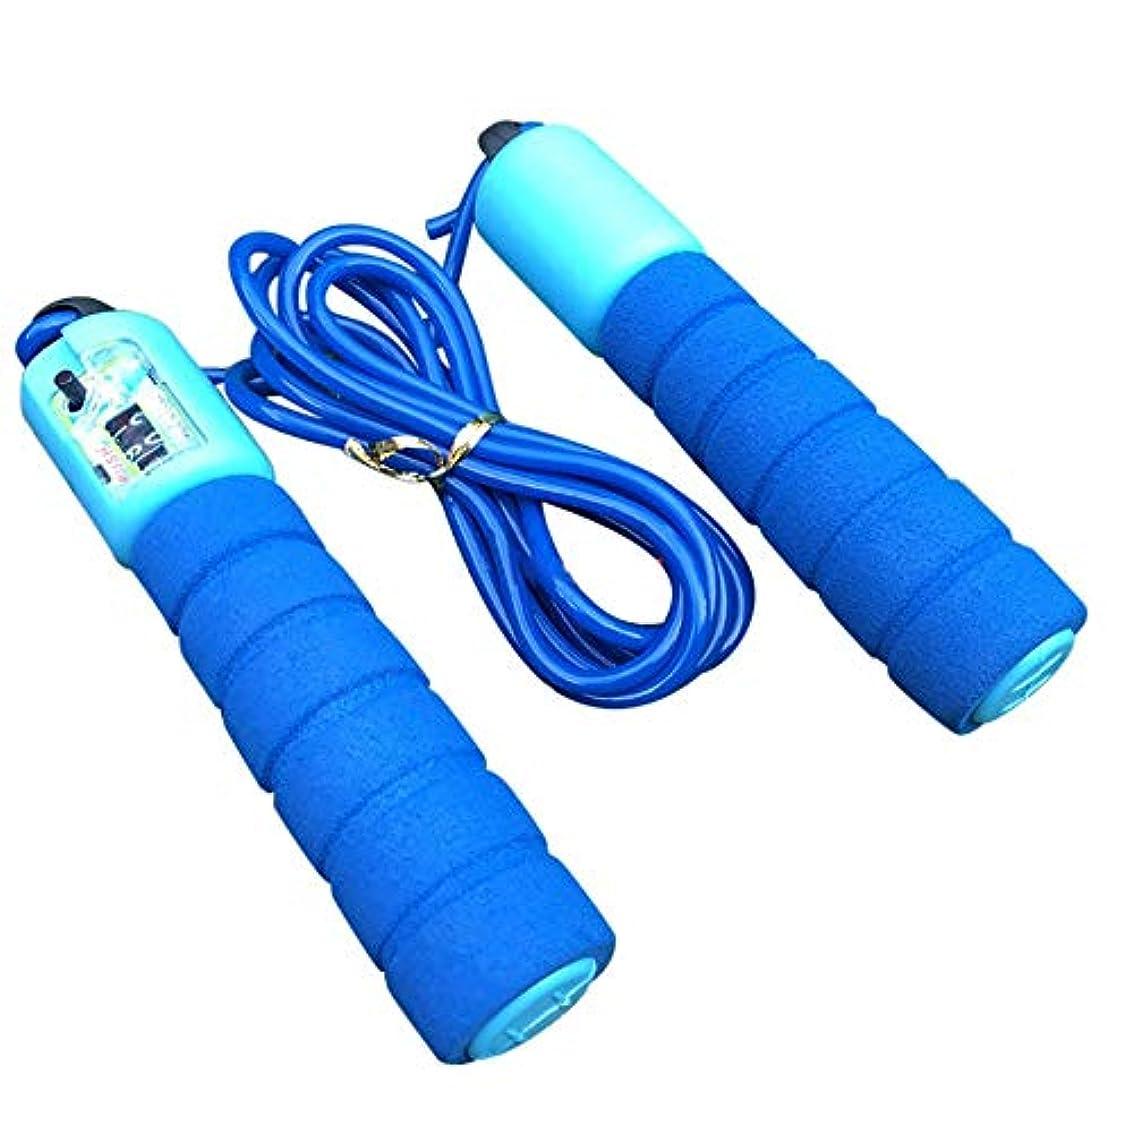 落花生ミネラル典型的な調整可能なプロフェッショナルカウント縄跳び自動カウントジャンプロープフィットネス運動高速カウントジャンプロープ - 青